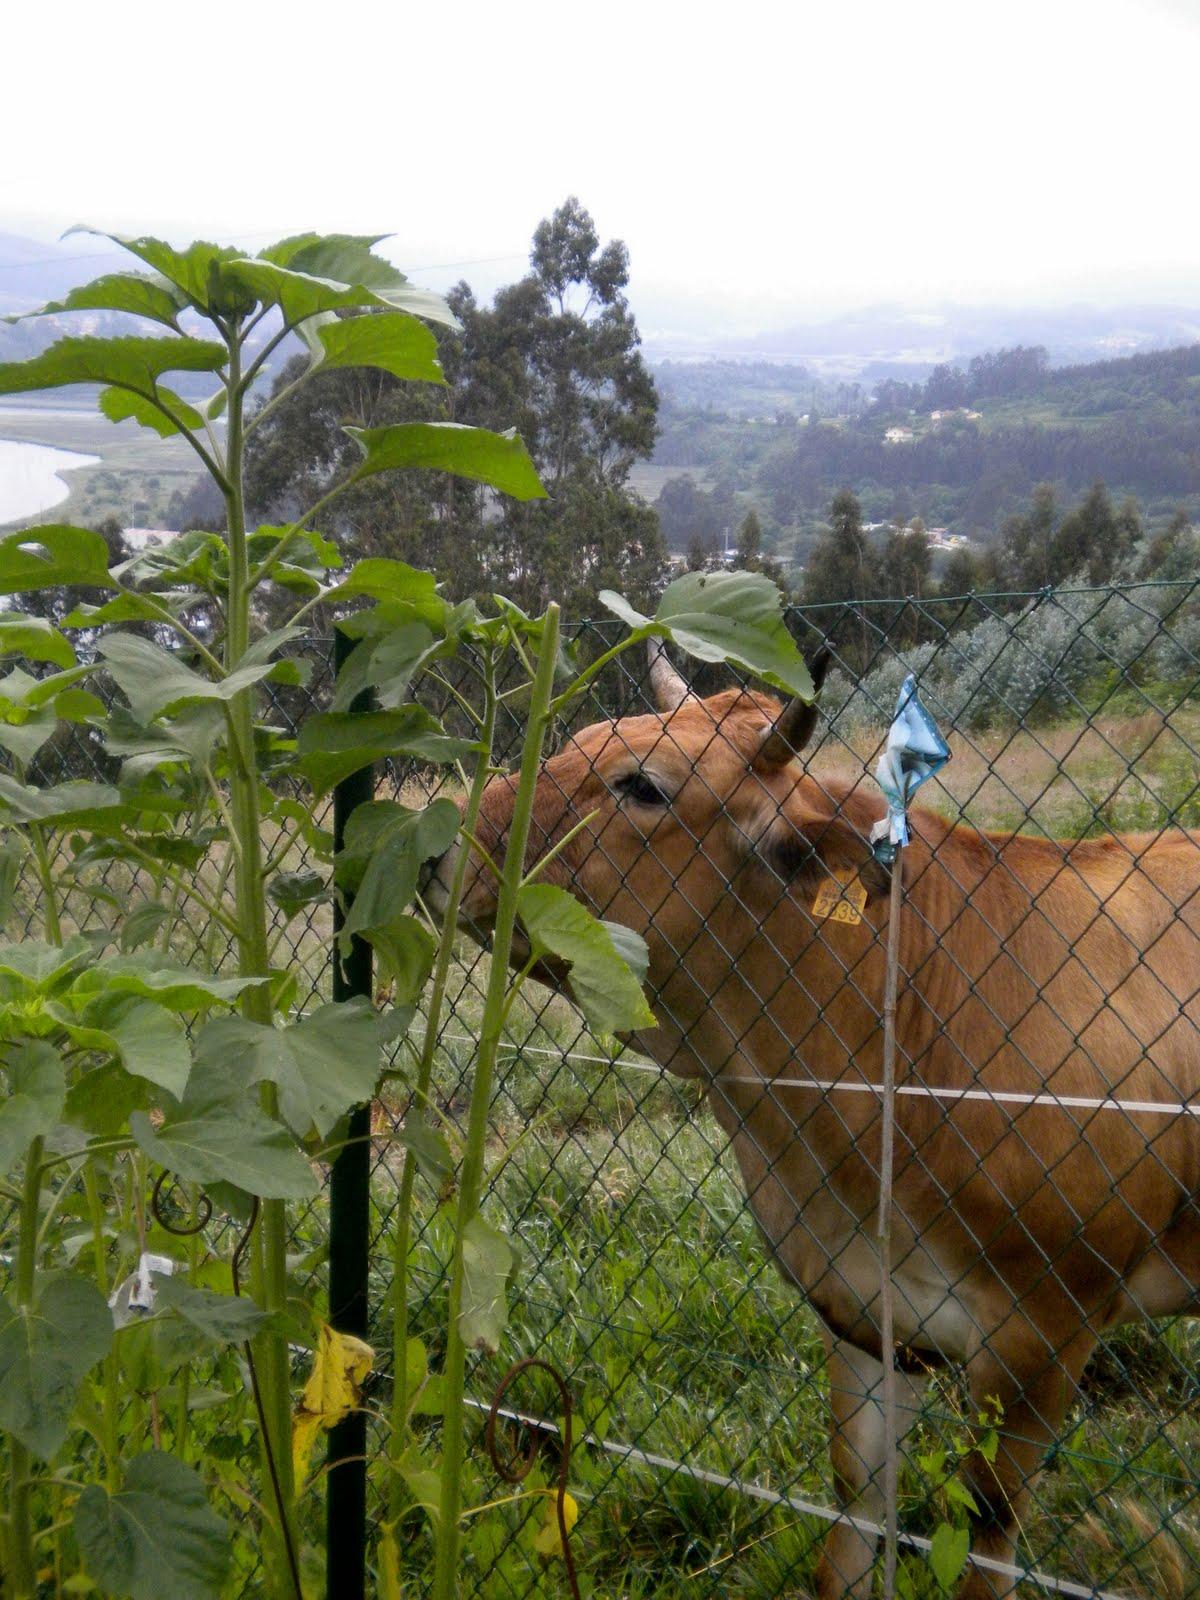 El jard n de margarita la vaca for Vacas decorativas para jardin